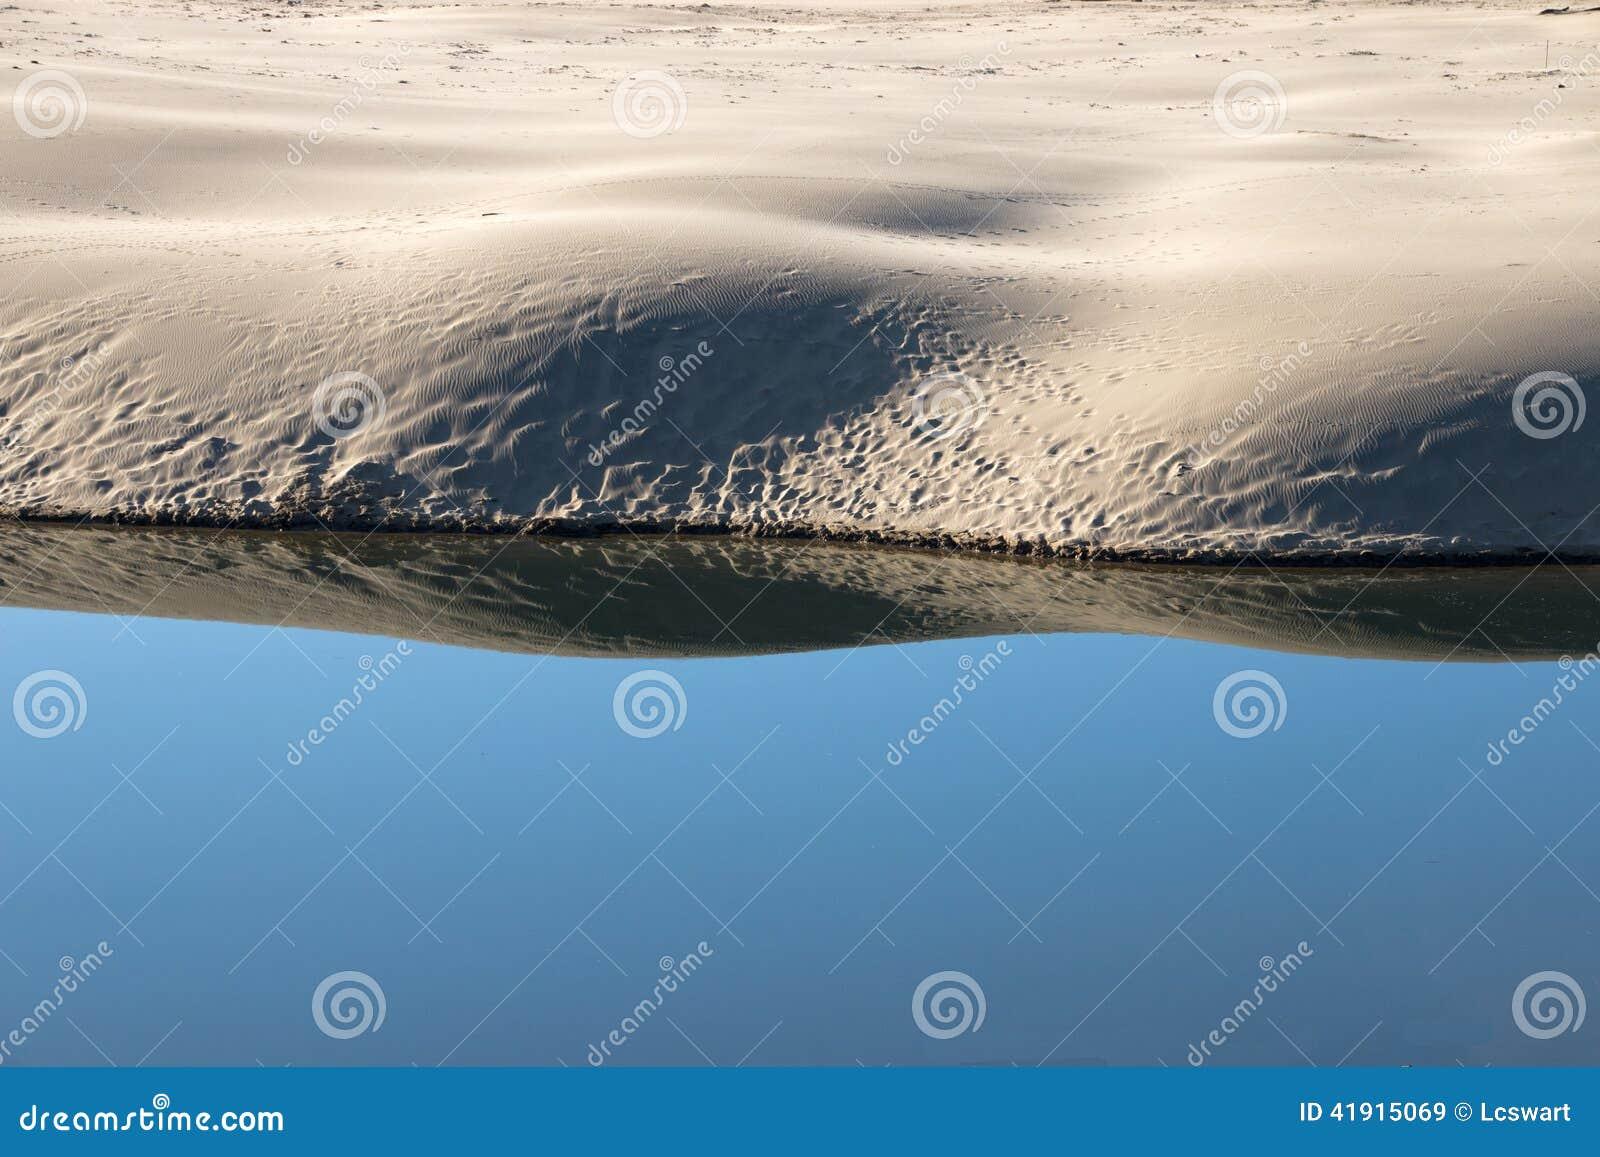 Top del banco reflejado en agua azul tranquila de la laguna